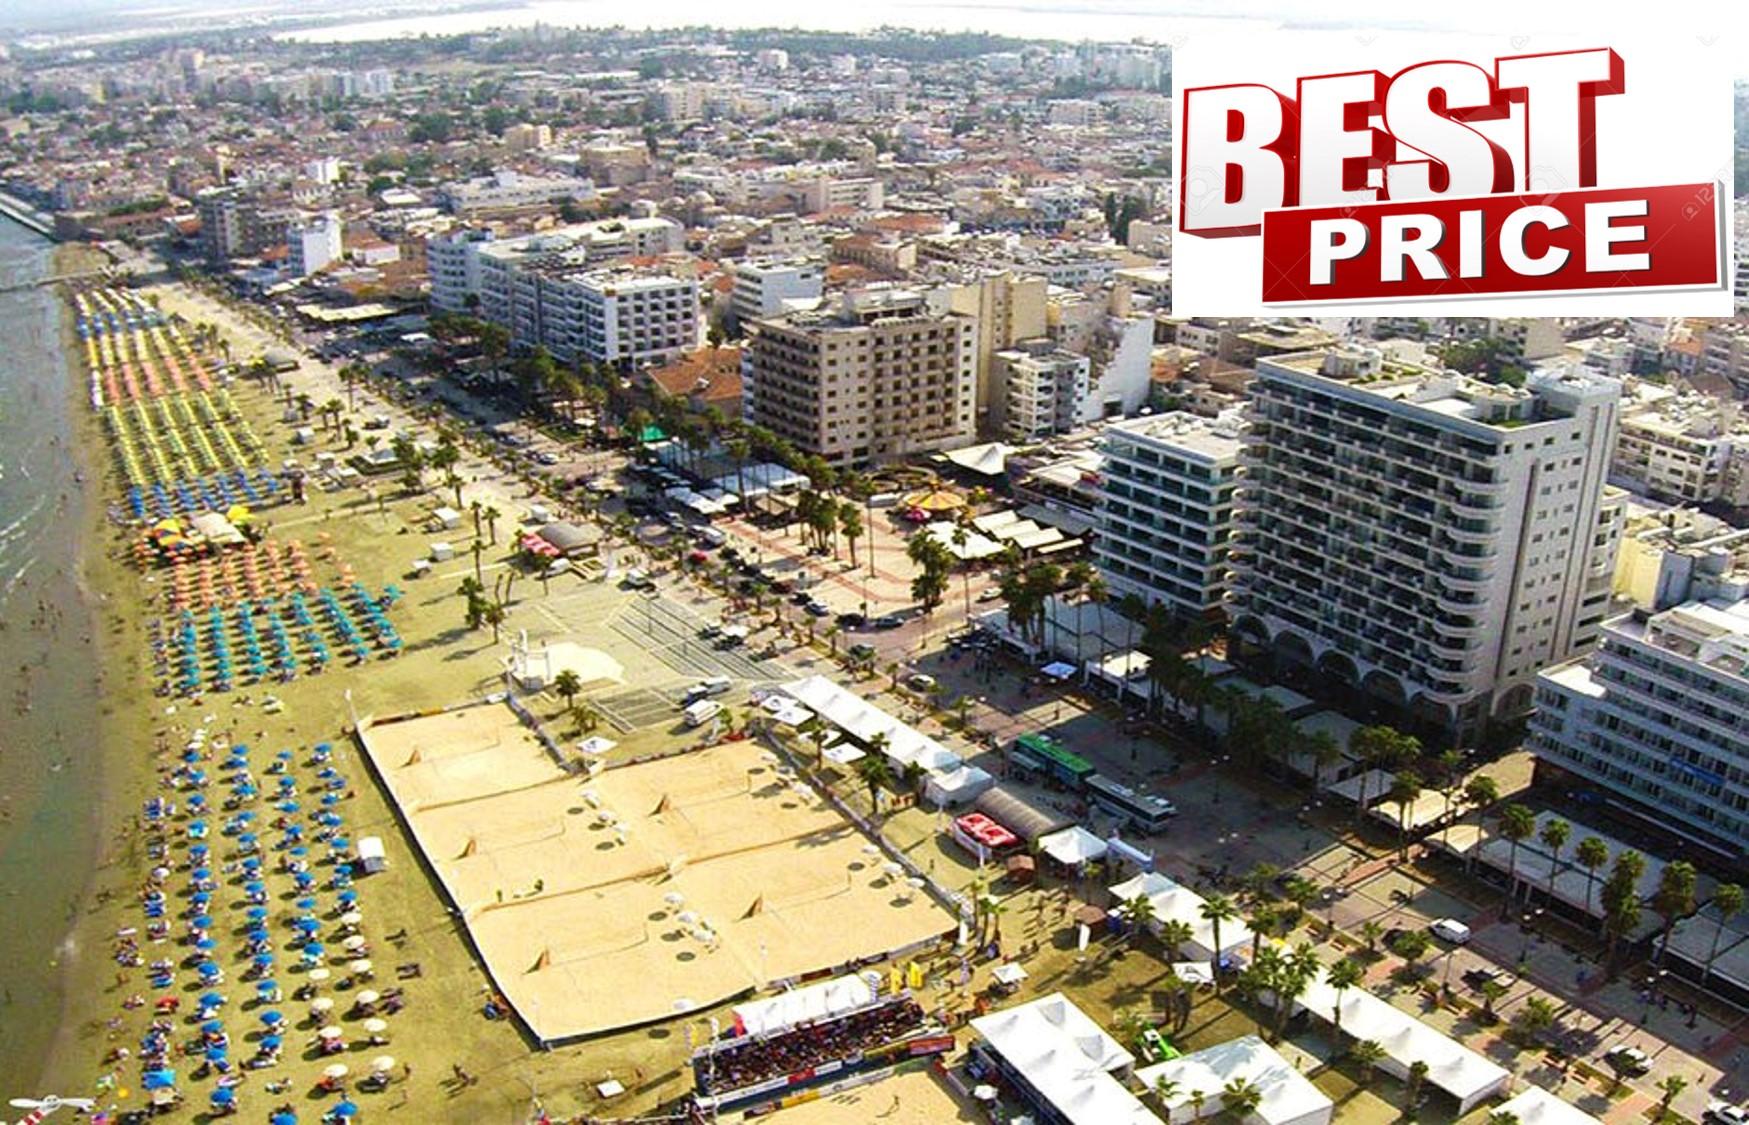 ΛΑΡΝΑΚΑ στην καλύτερη τιμή της αγοράς! Από 250€ για 4 μέρες με Αεροπορικά, Κεντρικό Ξενοδοχείο & Φόρους πληρωμένους